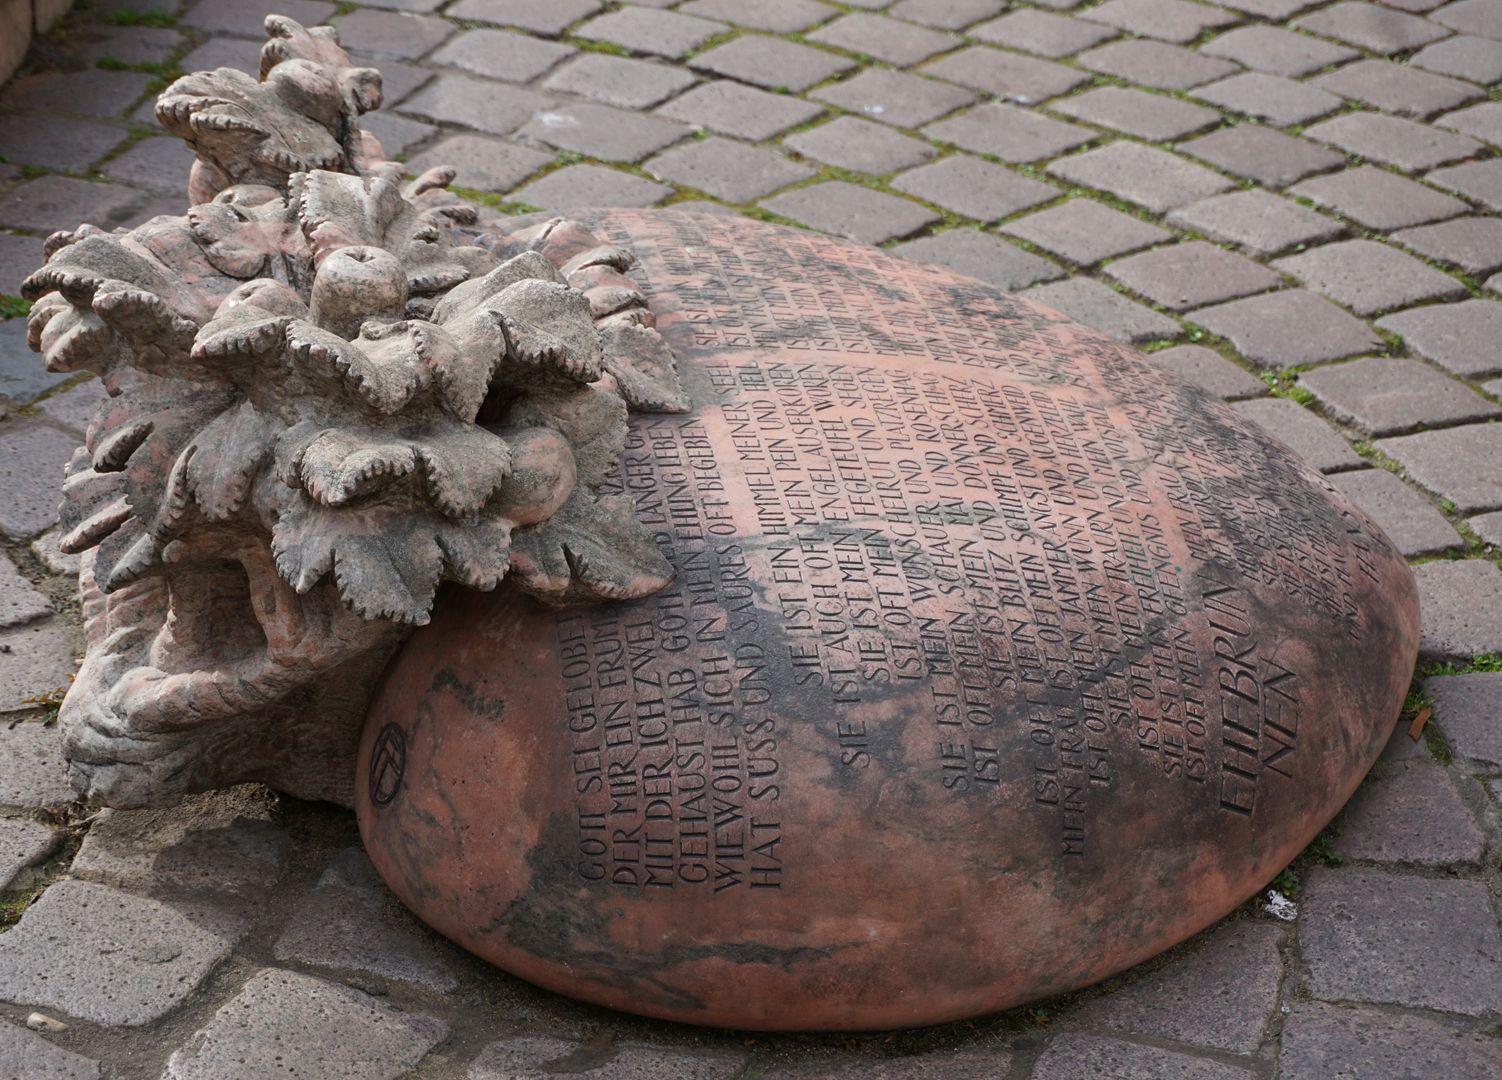 """Ehekarussell / Hans-Sachs-Brunnen """"Das Herz als volkstümliches Symbol der Liebe ist in das Pflaster des Ludwigplatzes gelegt wie ein Grabstein"""" (J.W.)"""